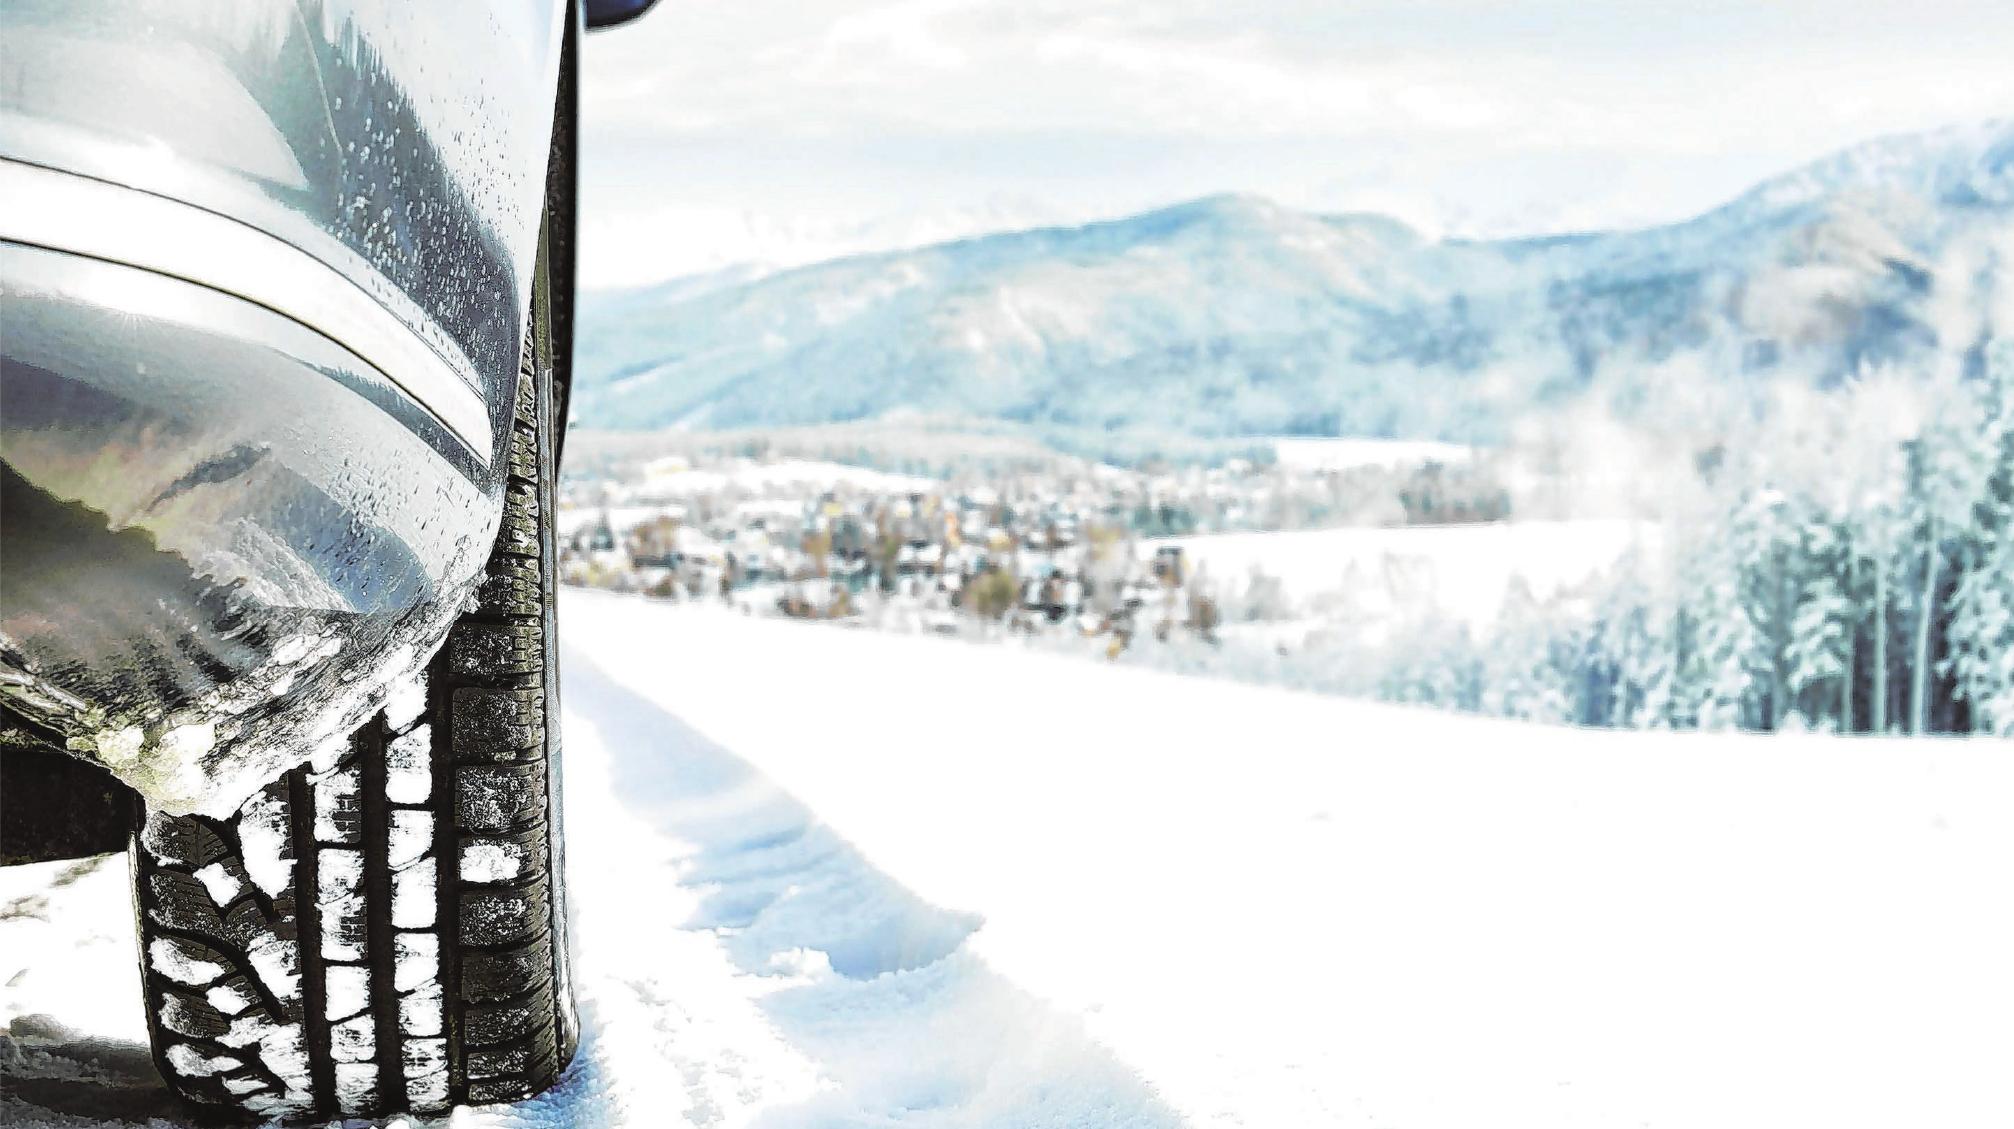 Auf winterliche Straßenverhältnisse sollten sich Autofahrer rechtzeitig einstellen - wer einen Urlaub in alpinen Regionen plant, muss sich ohnehin ganz besonders wappnen. Foto: djd/www.garantie-direkt.de/magdal3na - stock.adobe.com